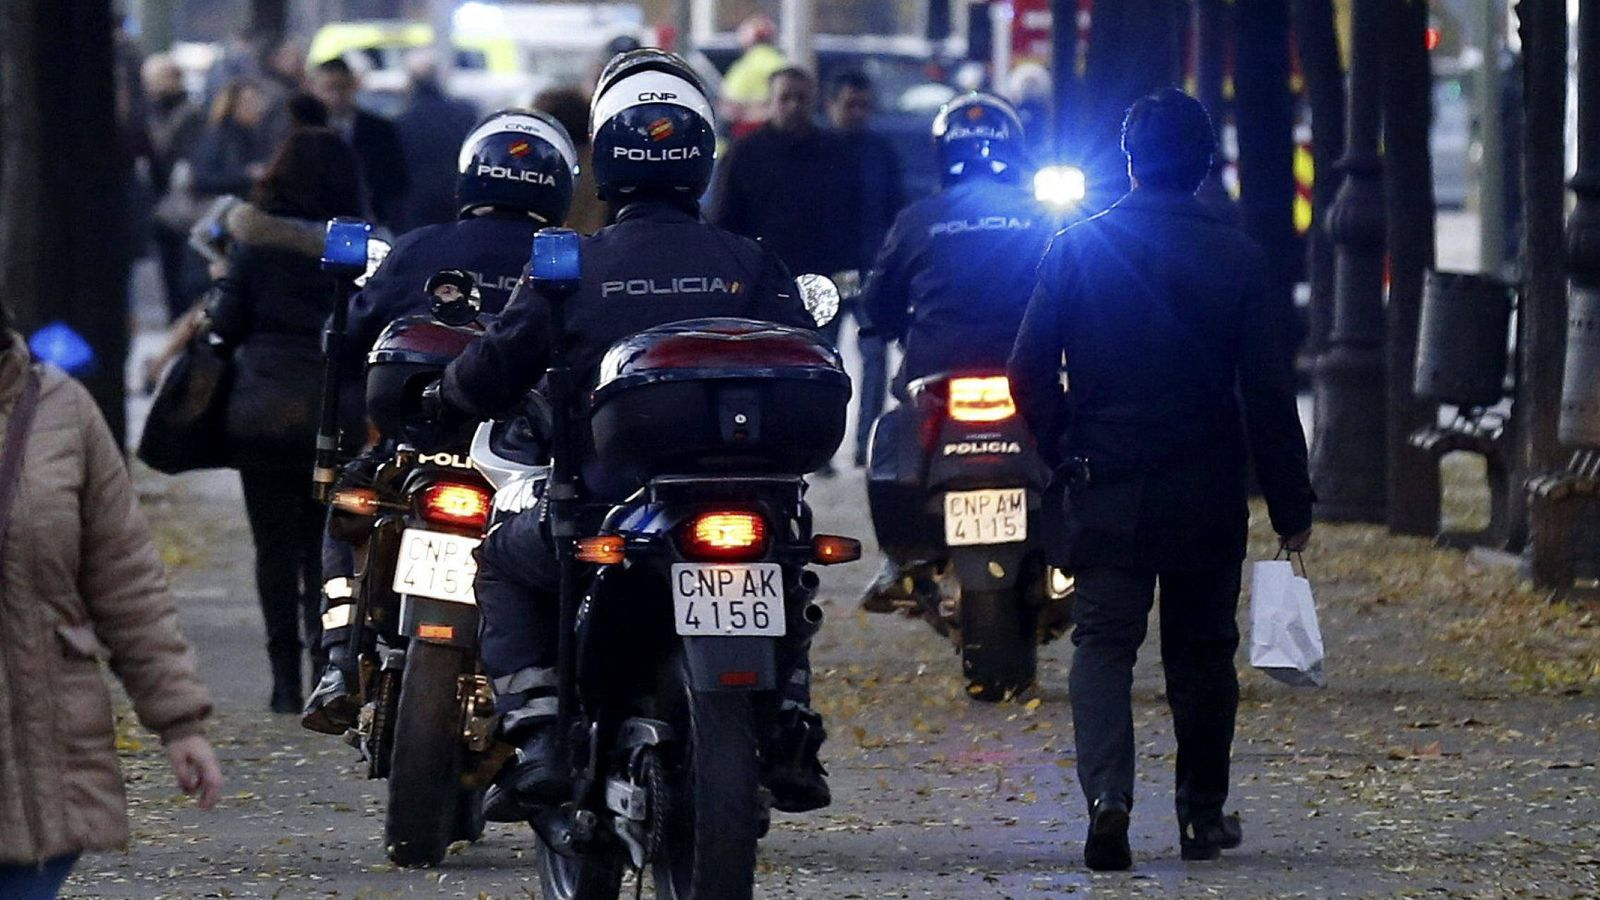 Foto: Agentes de la Policía Nacional - Archivo. (EFE)